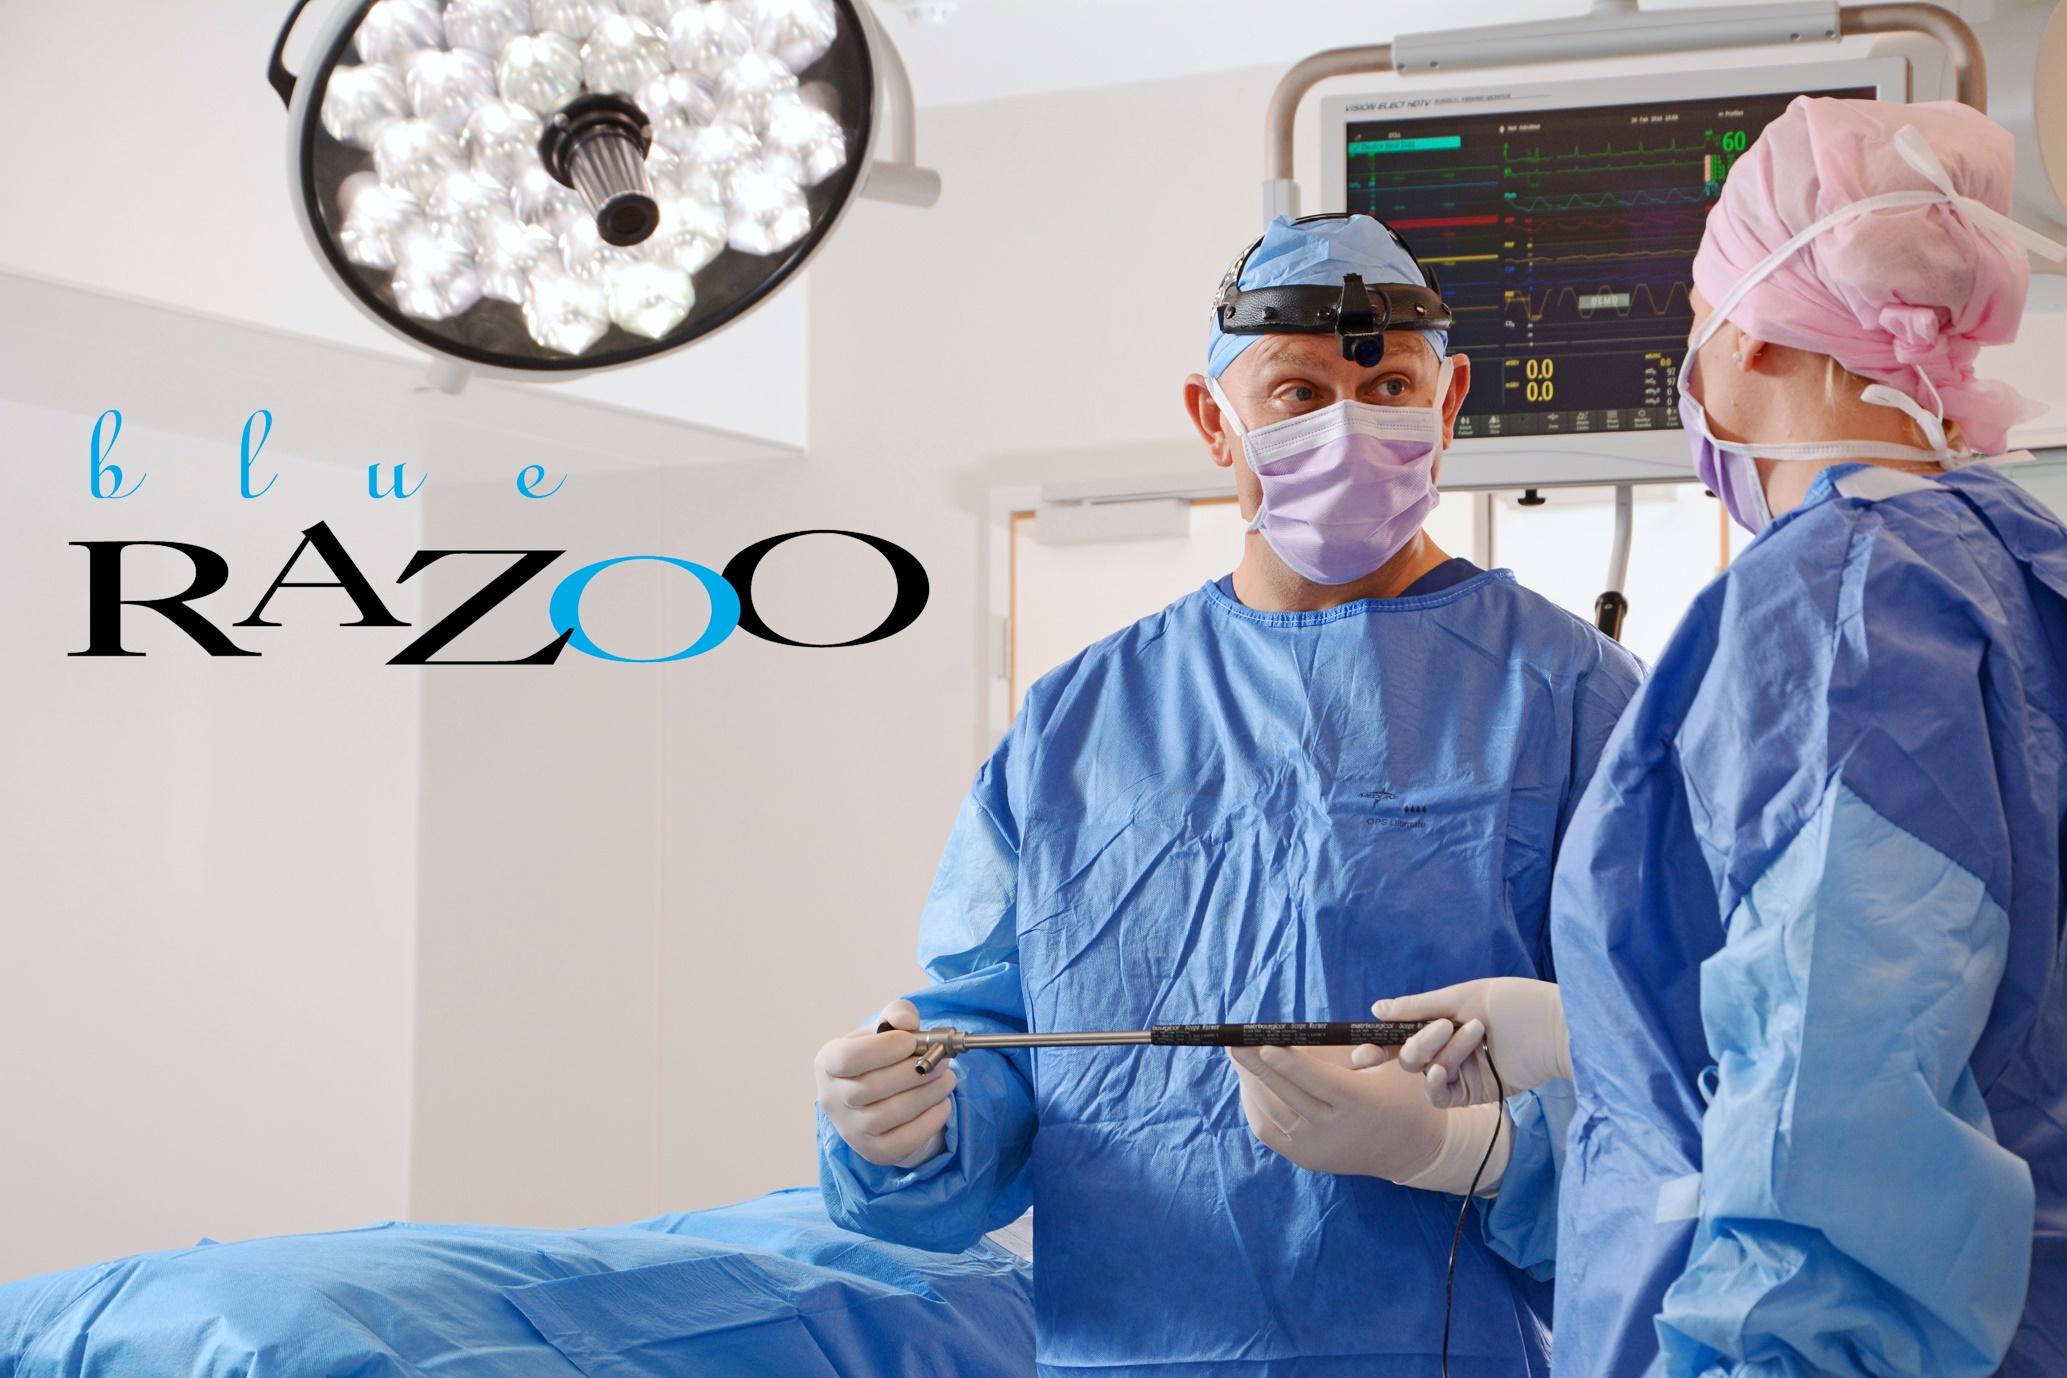 Blue Razoo - Adelaide Medical Photographer